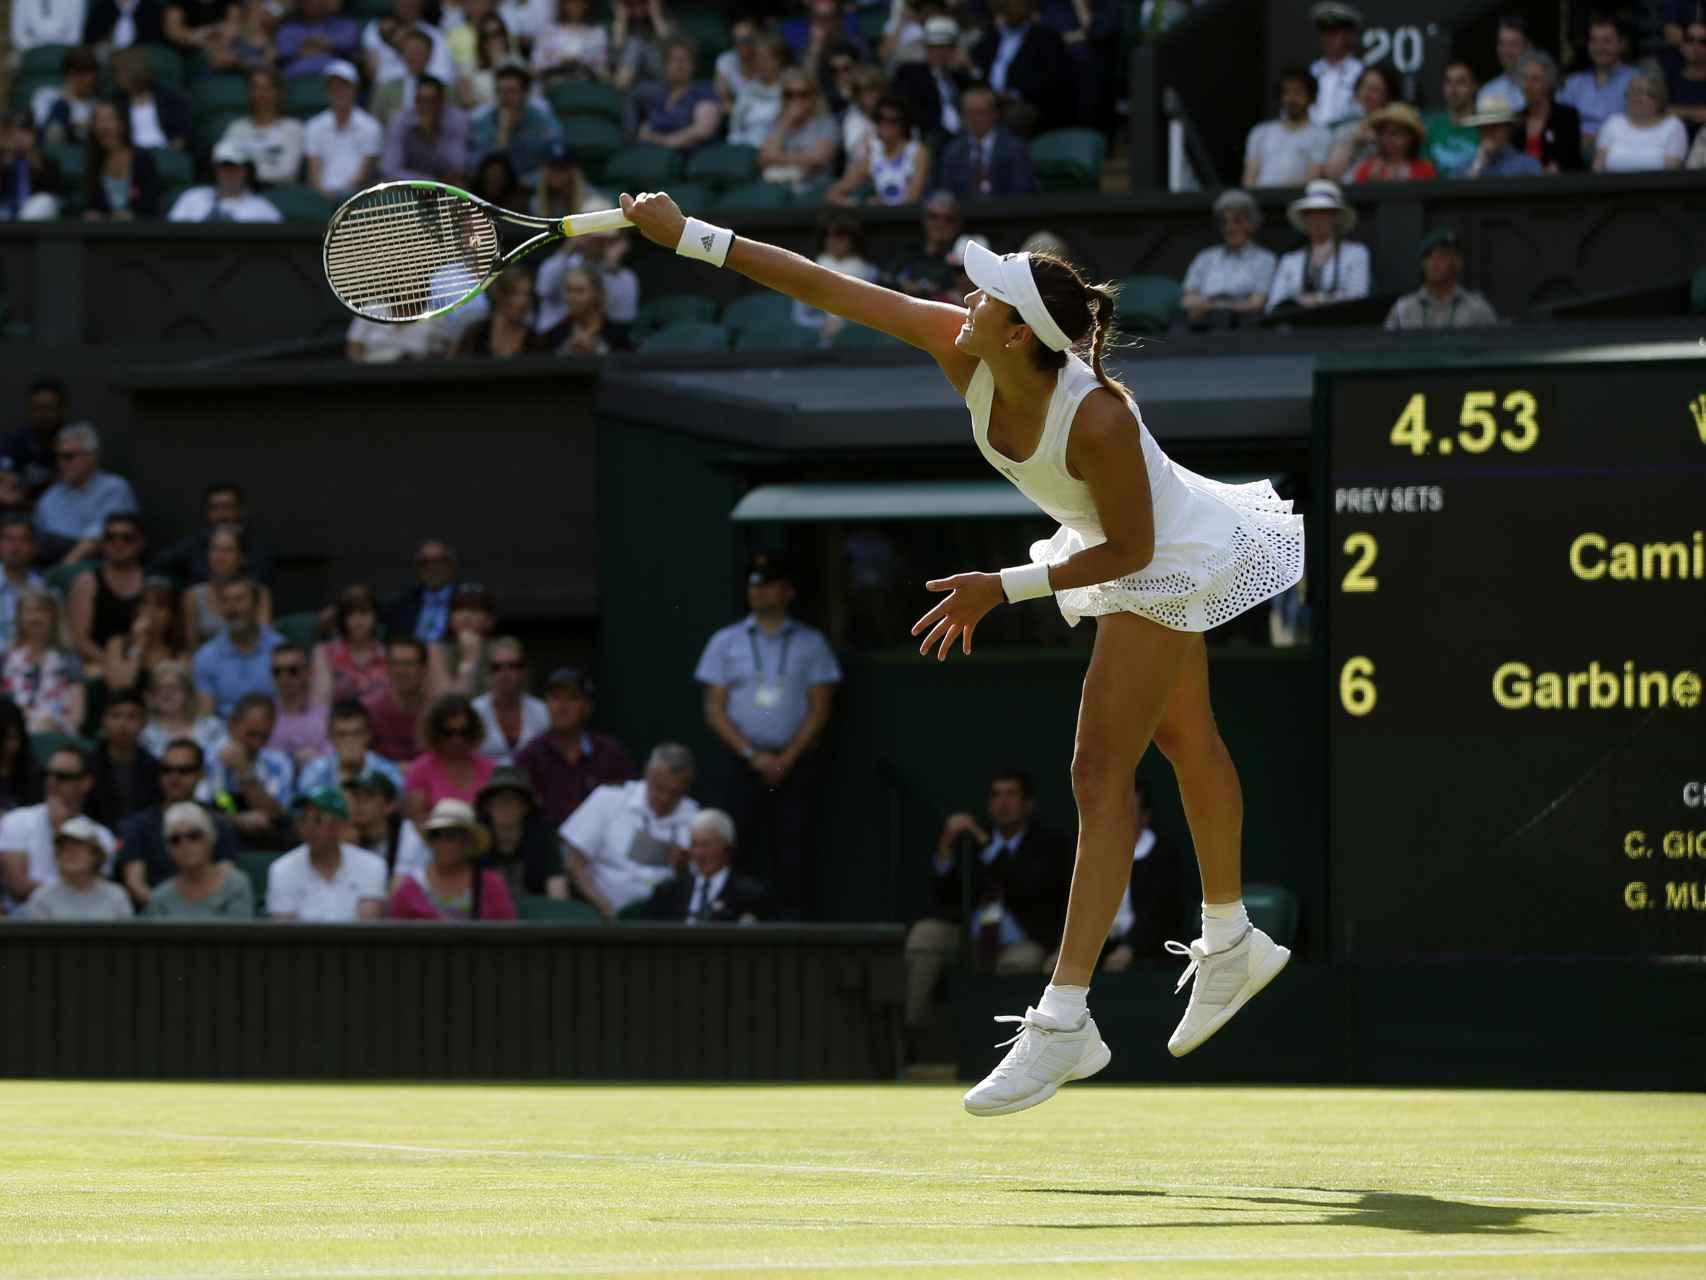 Garbiñe Muguruza,  en el partido contra Camila Giorgi, en Wimbledon 2016.